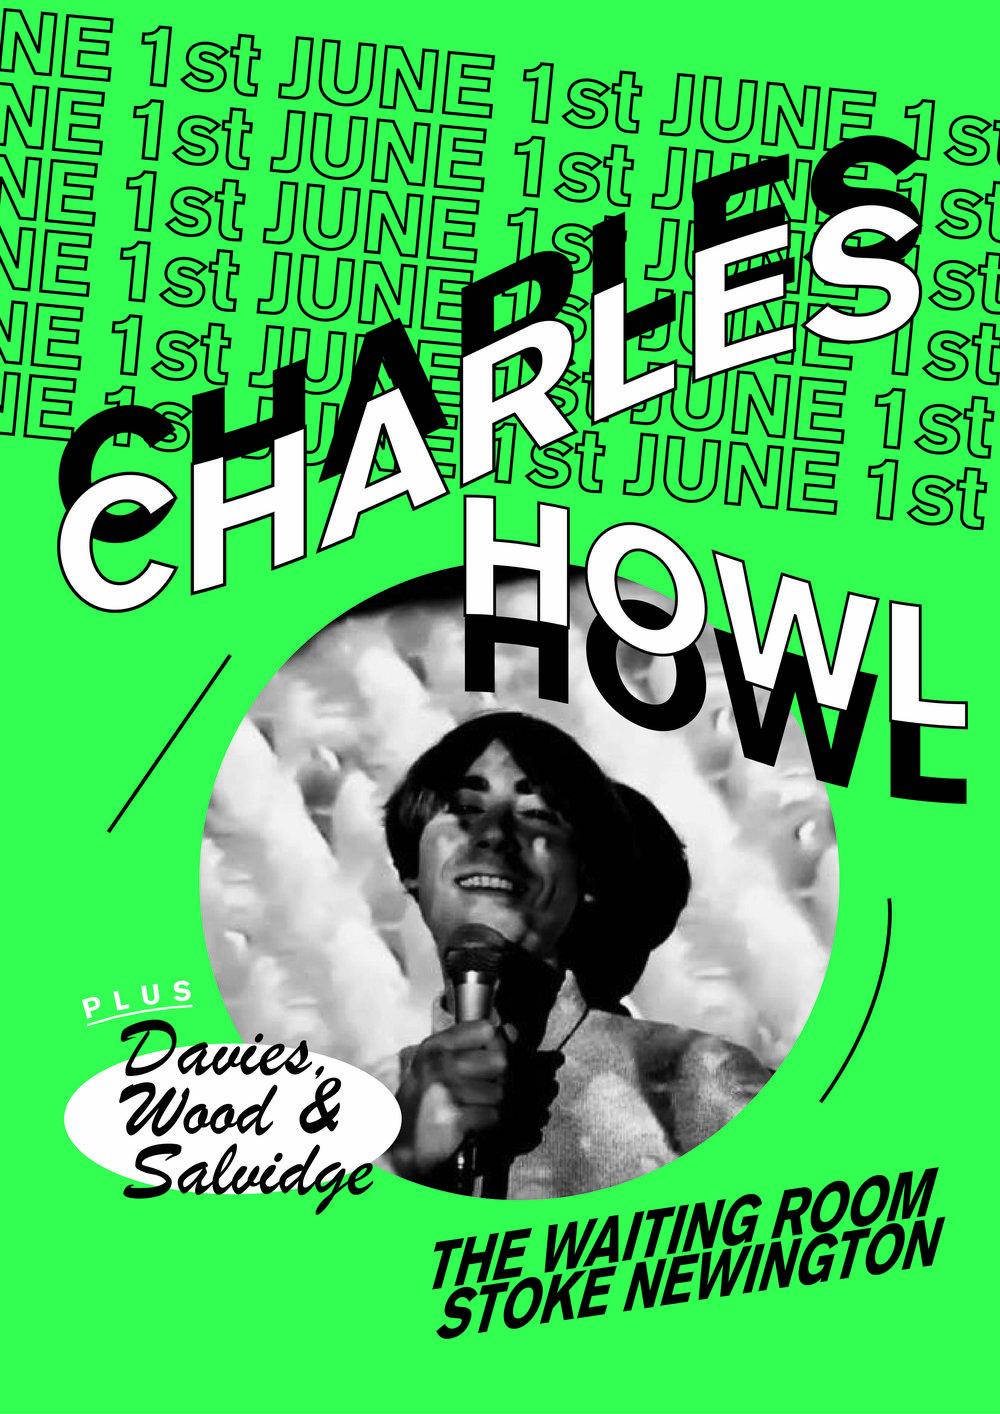 Charles Howl.jpg